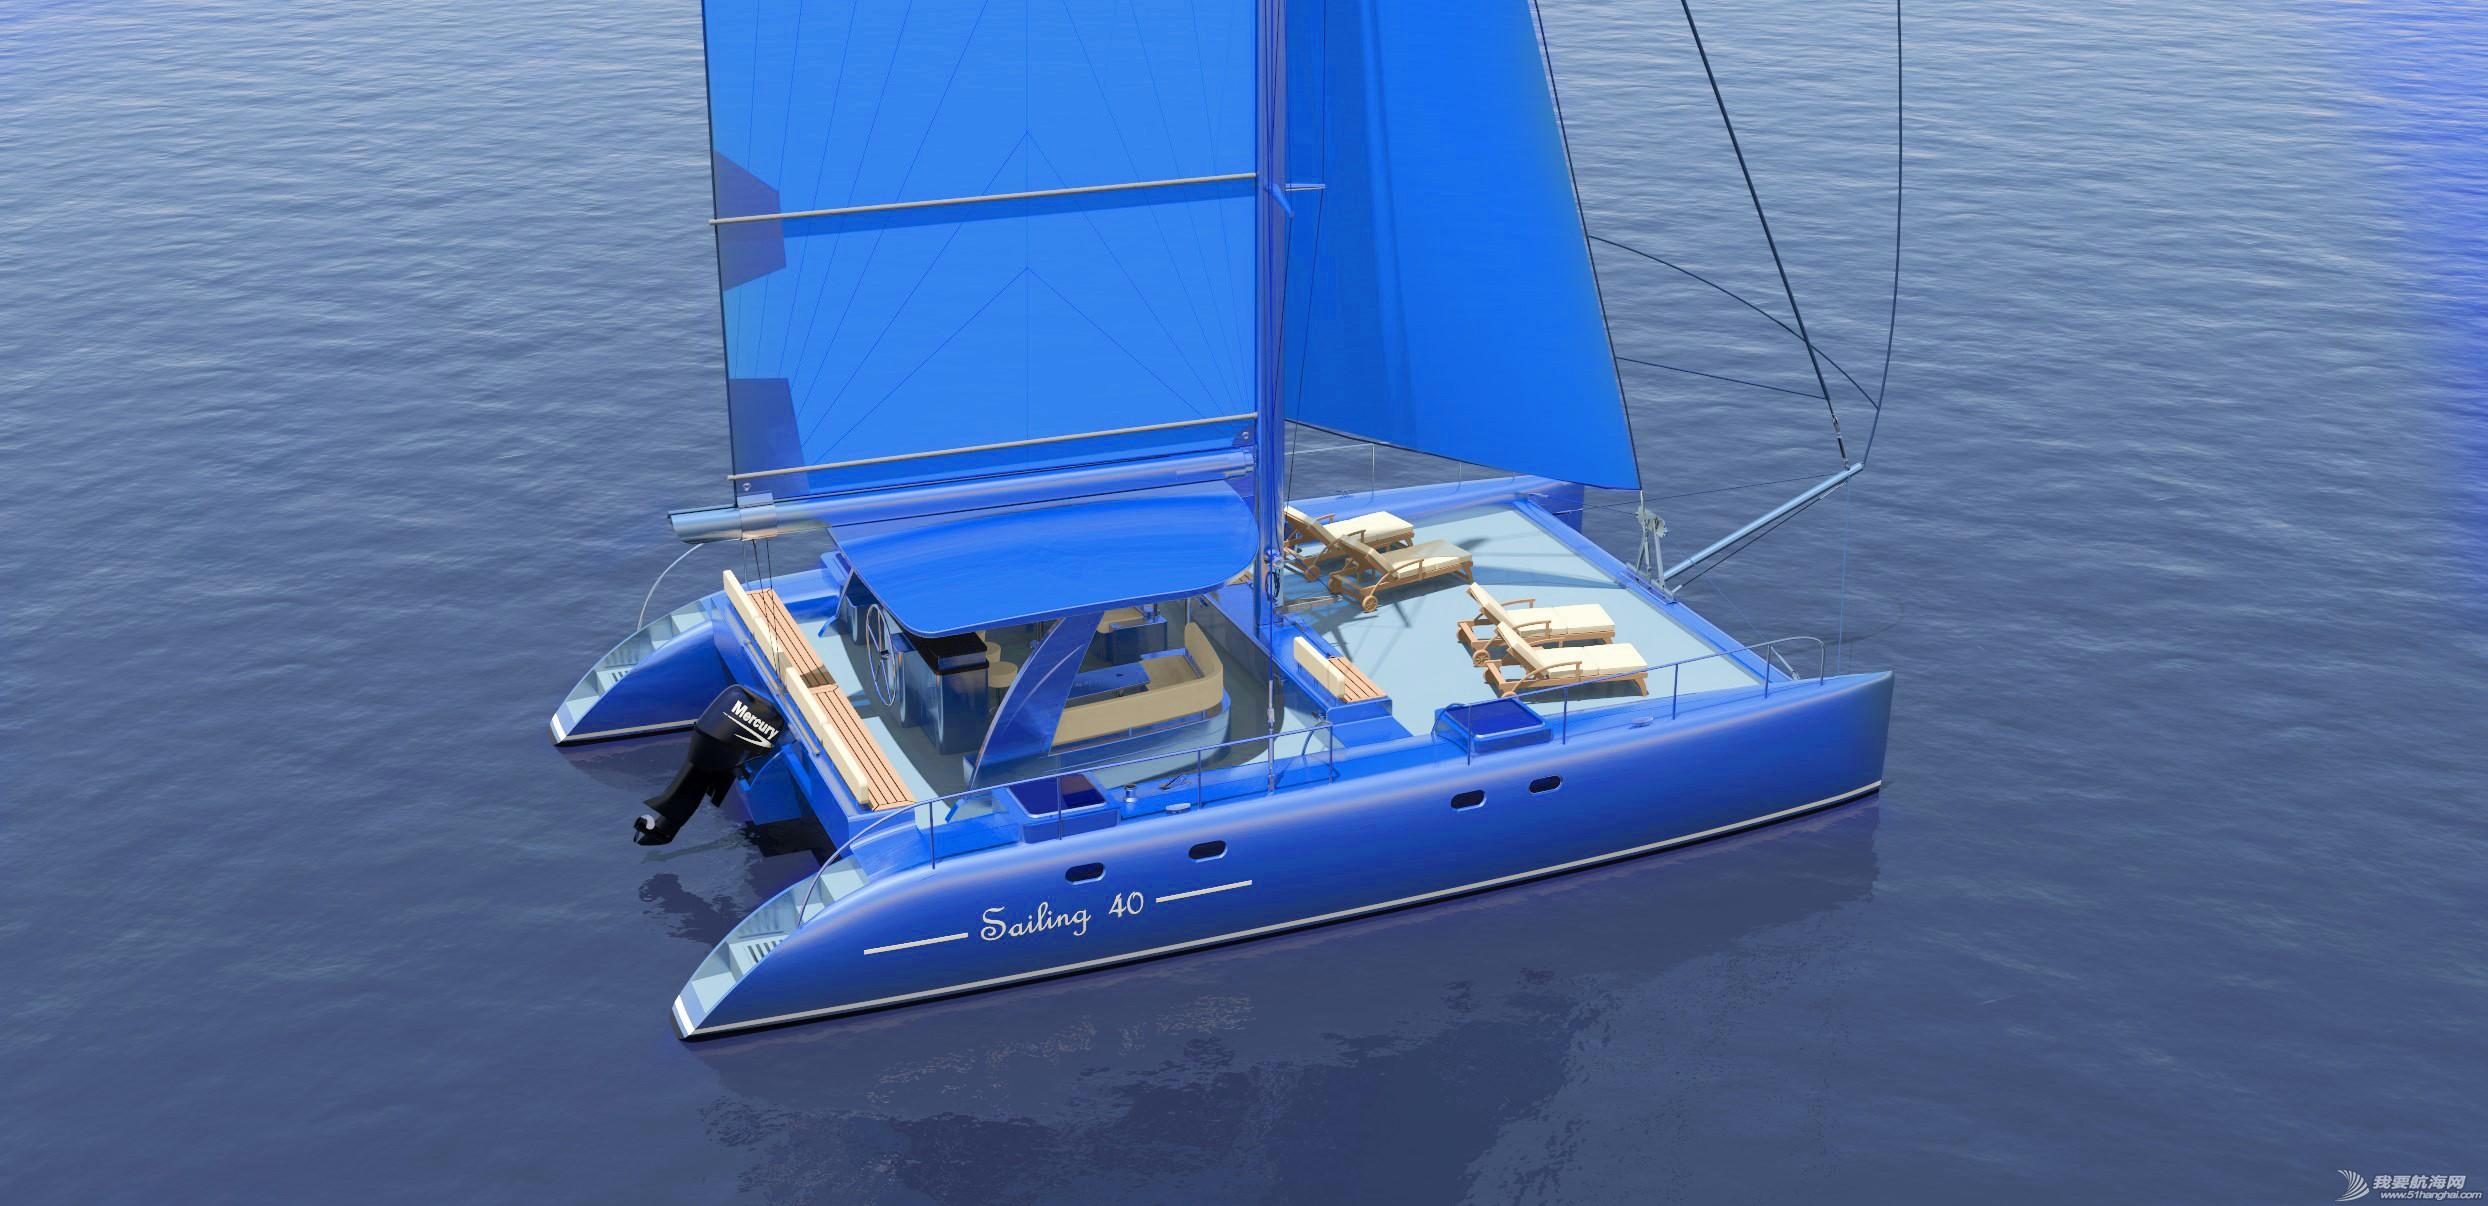 朋友,帆船 有没有喜欢这种双体帆船的朋友